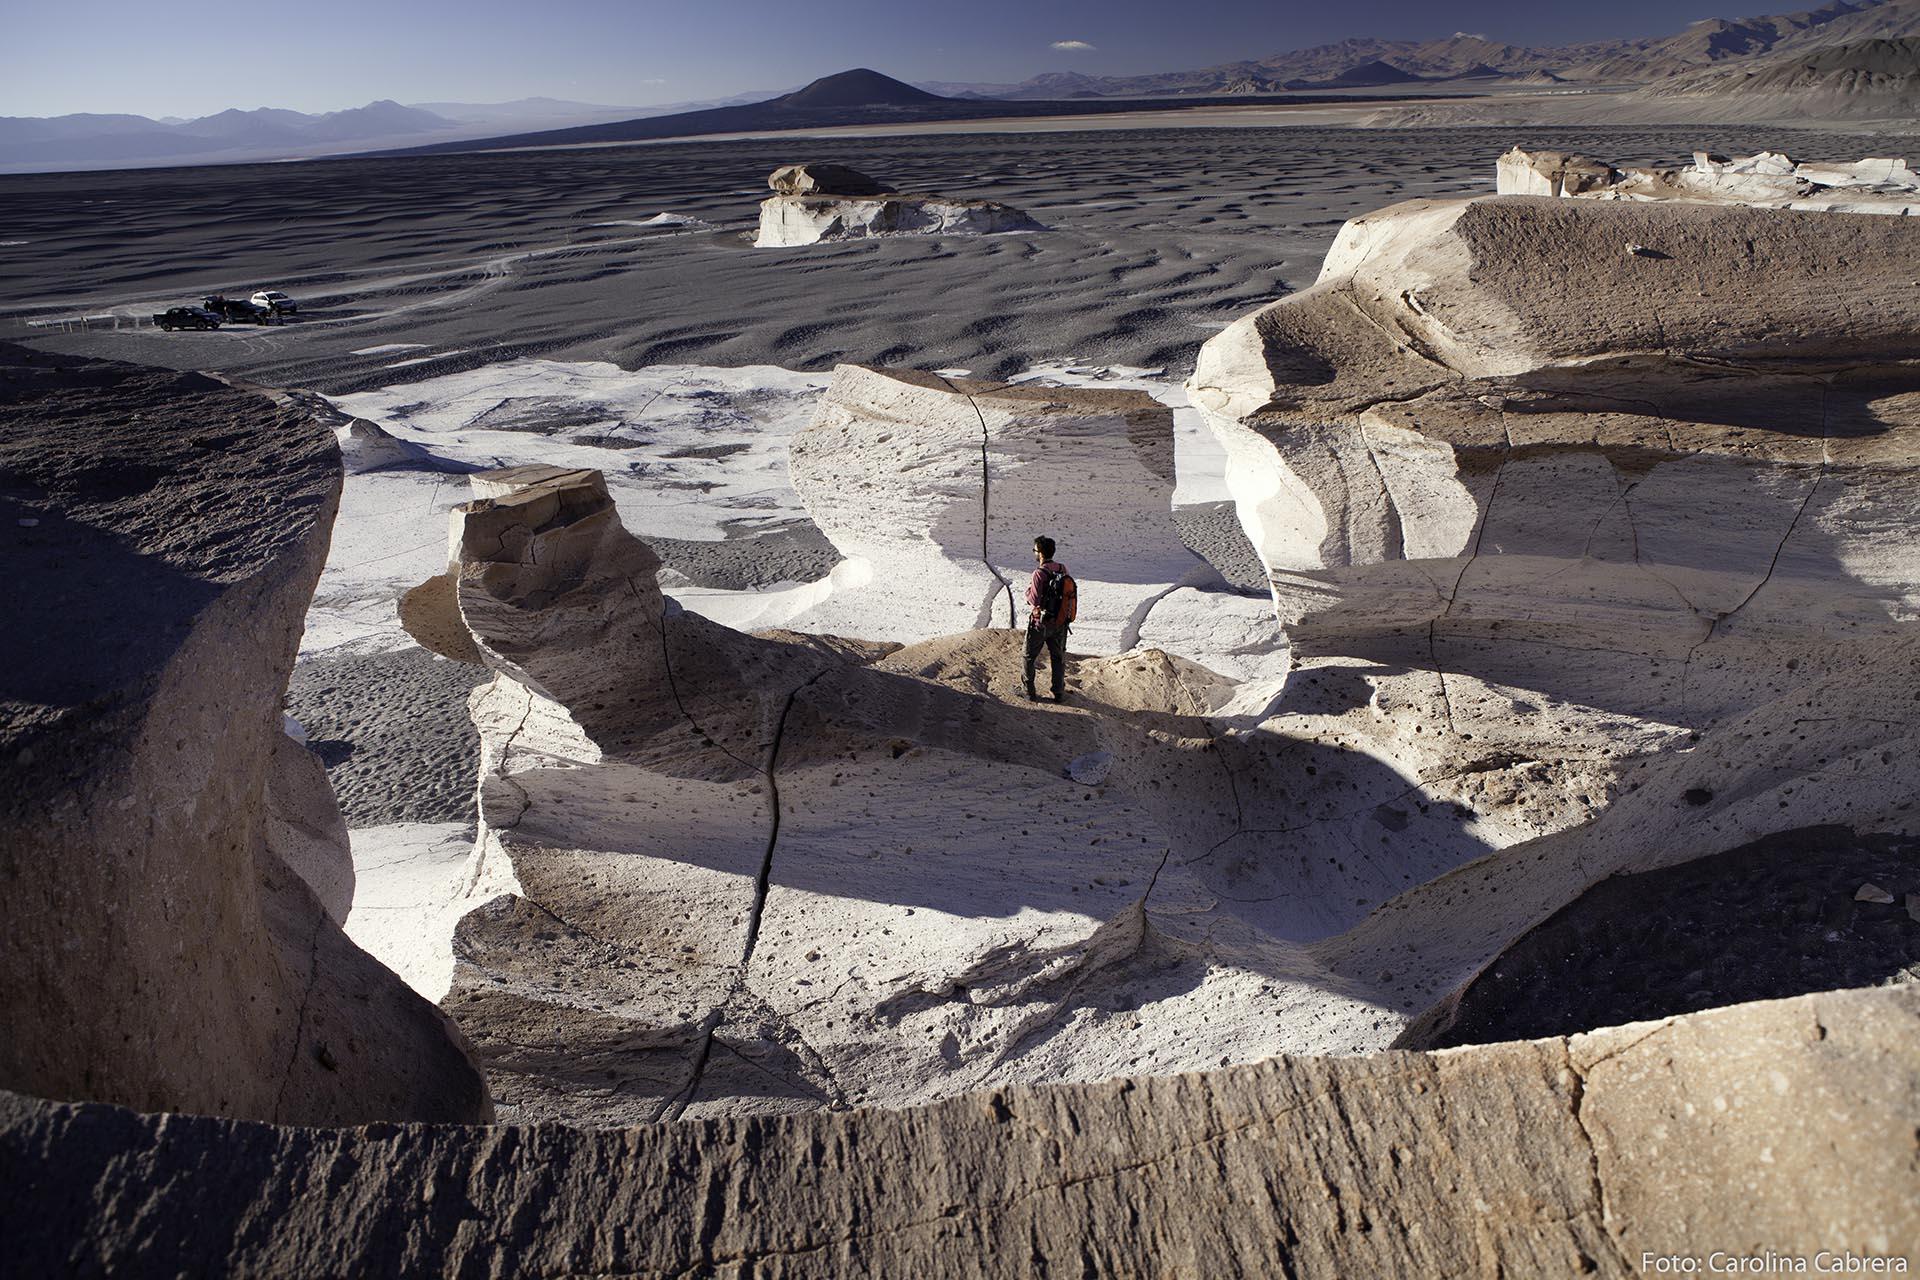 Un paisaje de otro planeta. El Campo de Piedra Pómez, cerca de Antofagasta de la Sierra en Catamarca, es producto de la lava solidificada del volcán Cerro Blanco, y el viento que desciende de los Andes talló en las rocas formas diversas, creando senderos, todo tipo de esculturas y este singular escenario que se puede recorrer. (Carolina Cabrera)